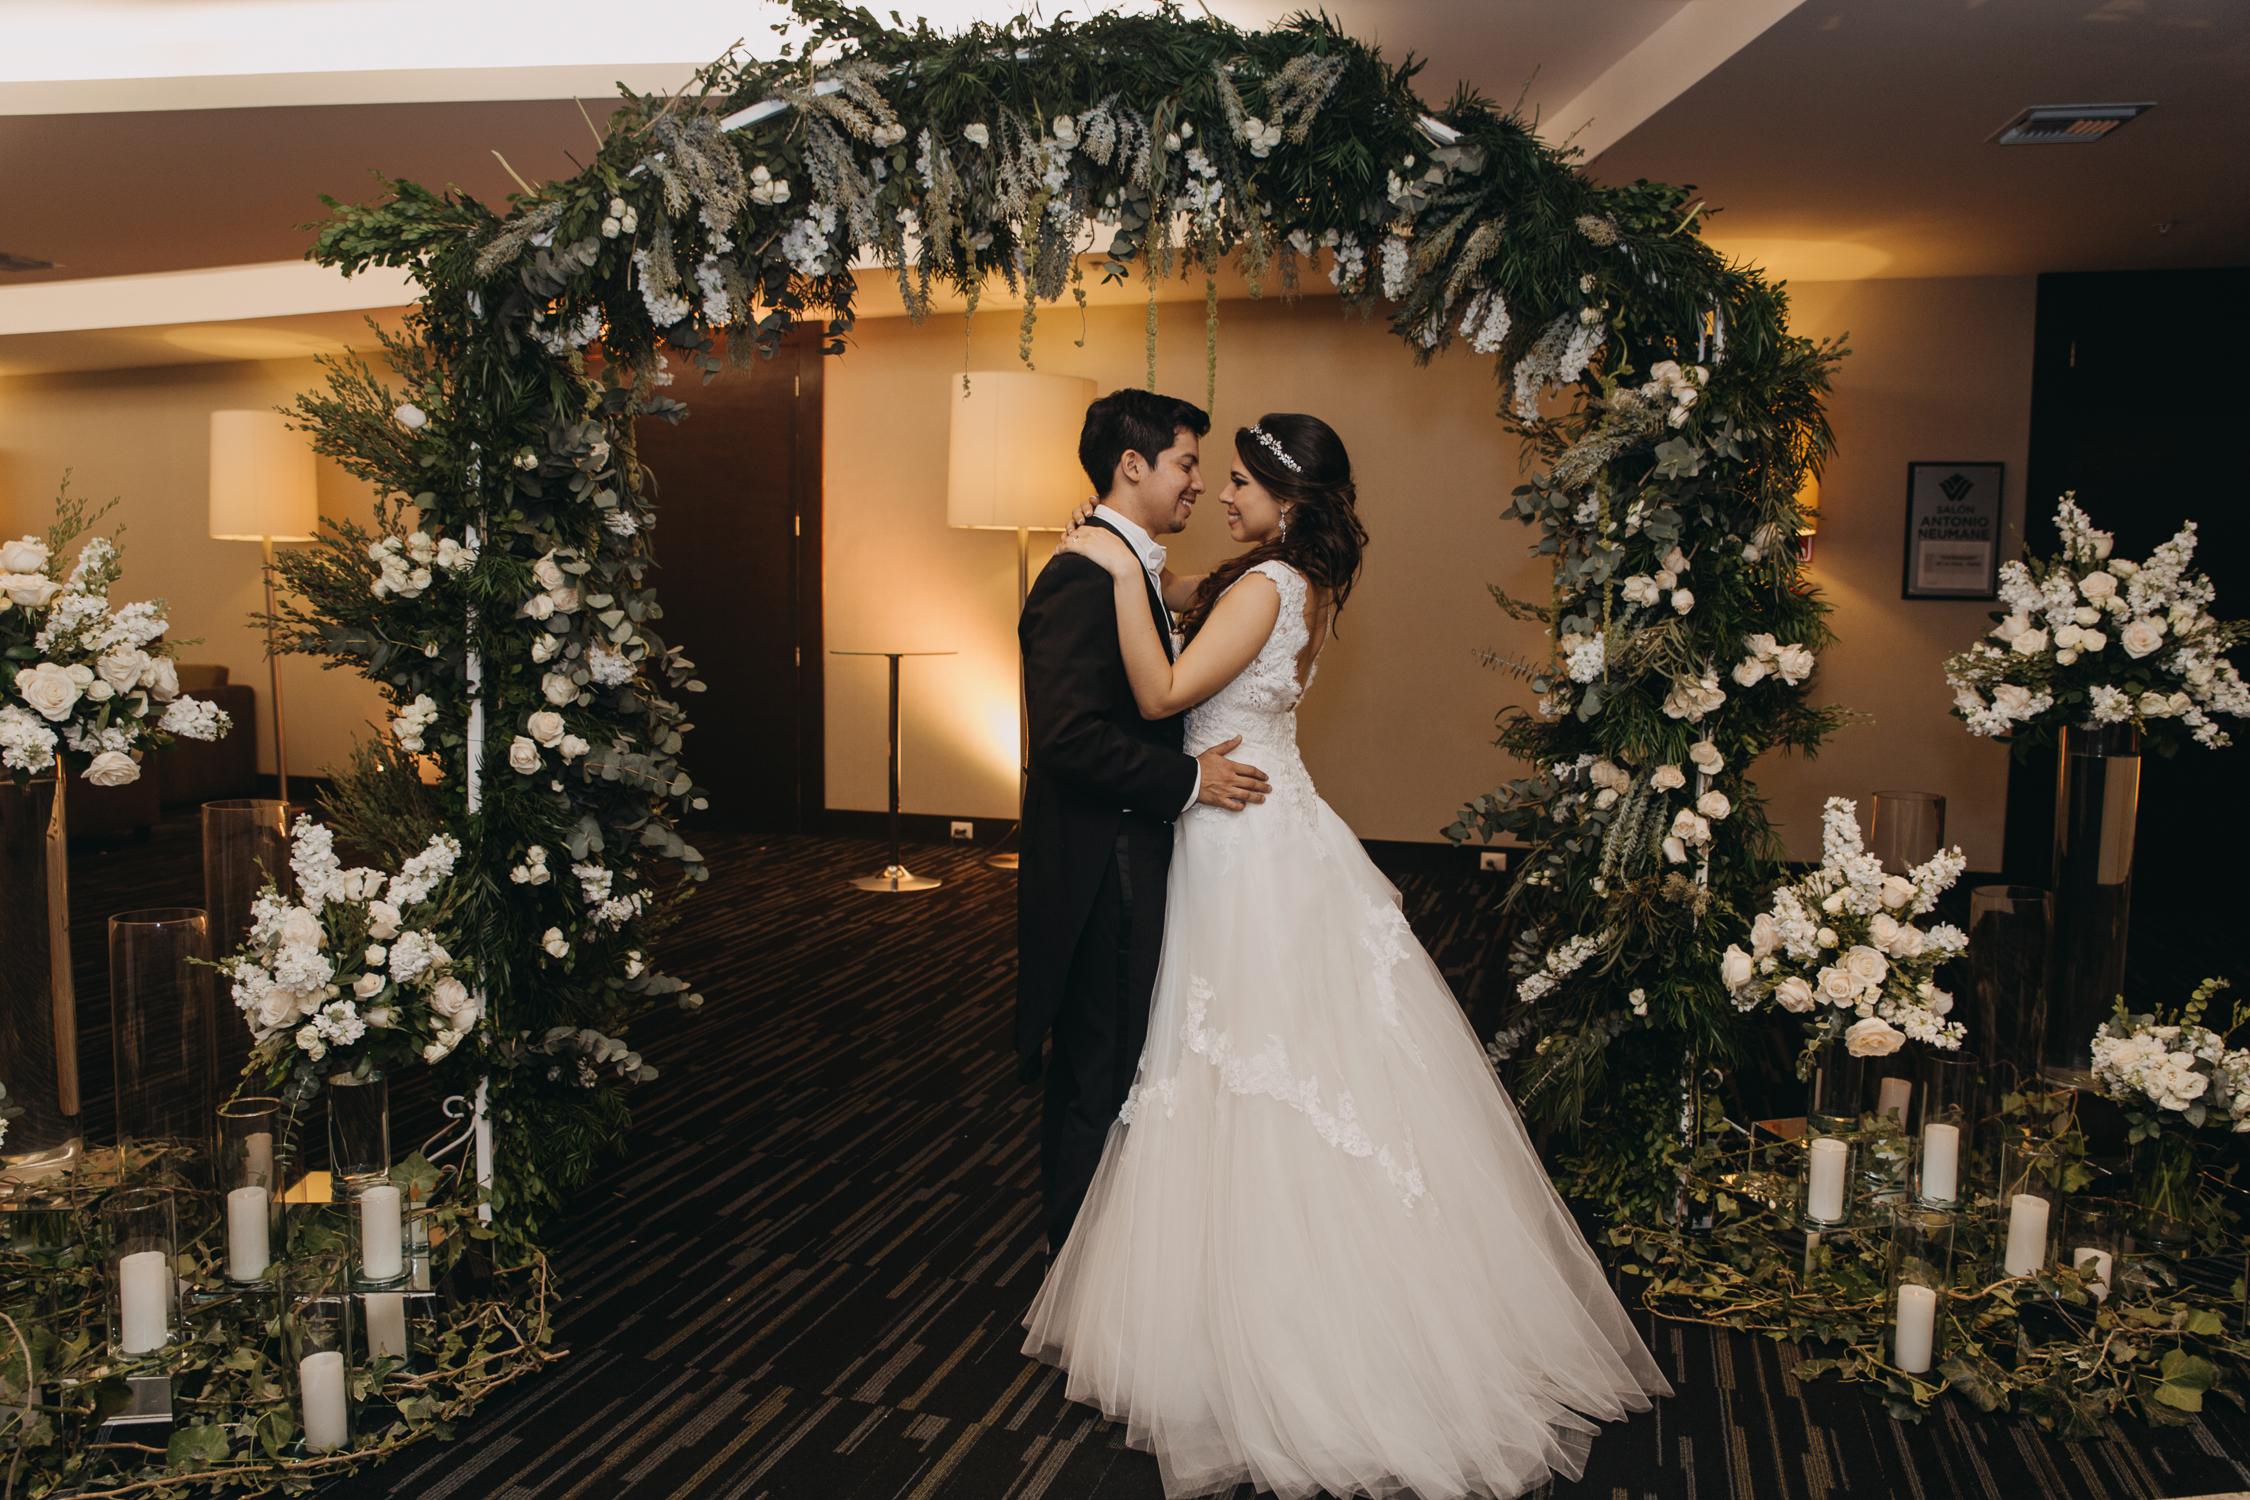 Michelle-Agurto-Fotografia-Bodas-Ecuador-Destination-Wedding-Photographer-Patricia-Guido-346.JPG